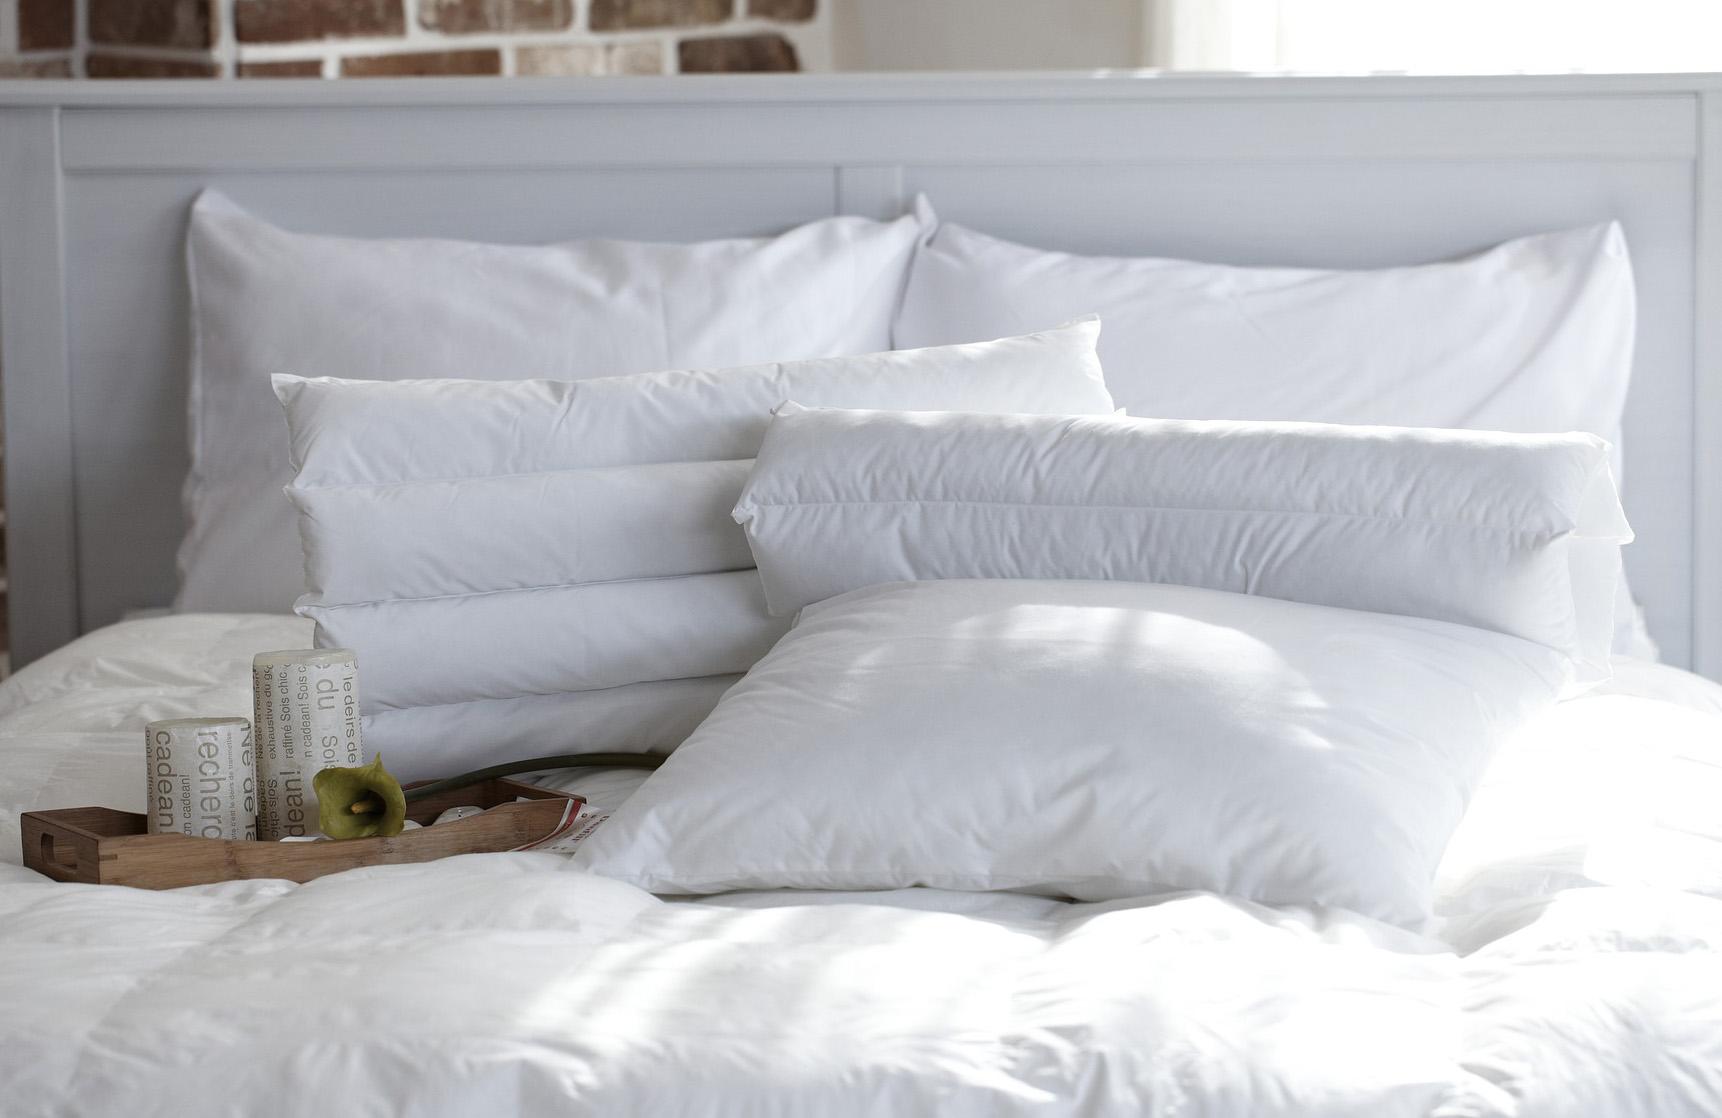 mehrere Kopfkissen im Bett